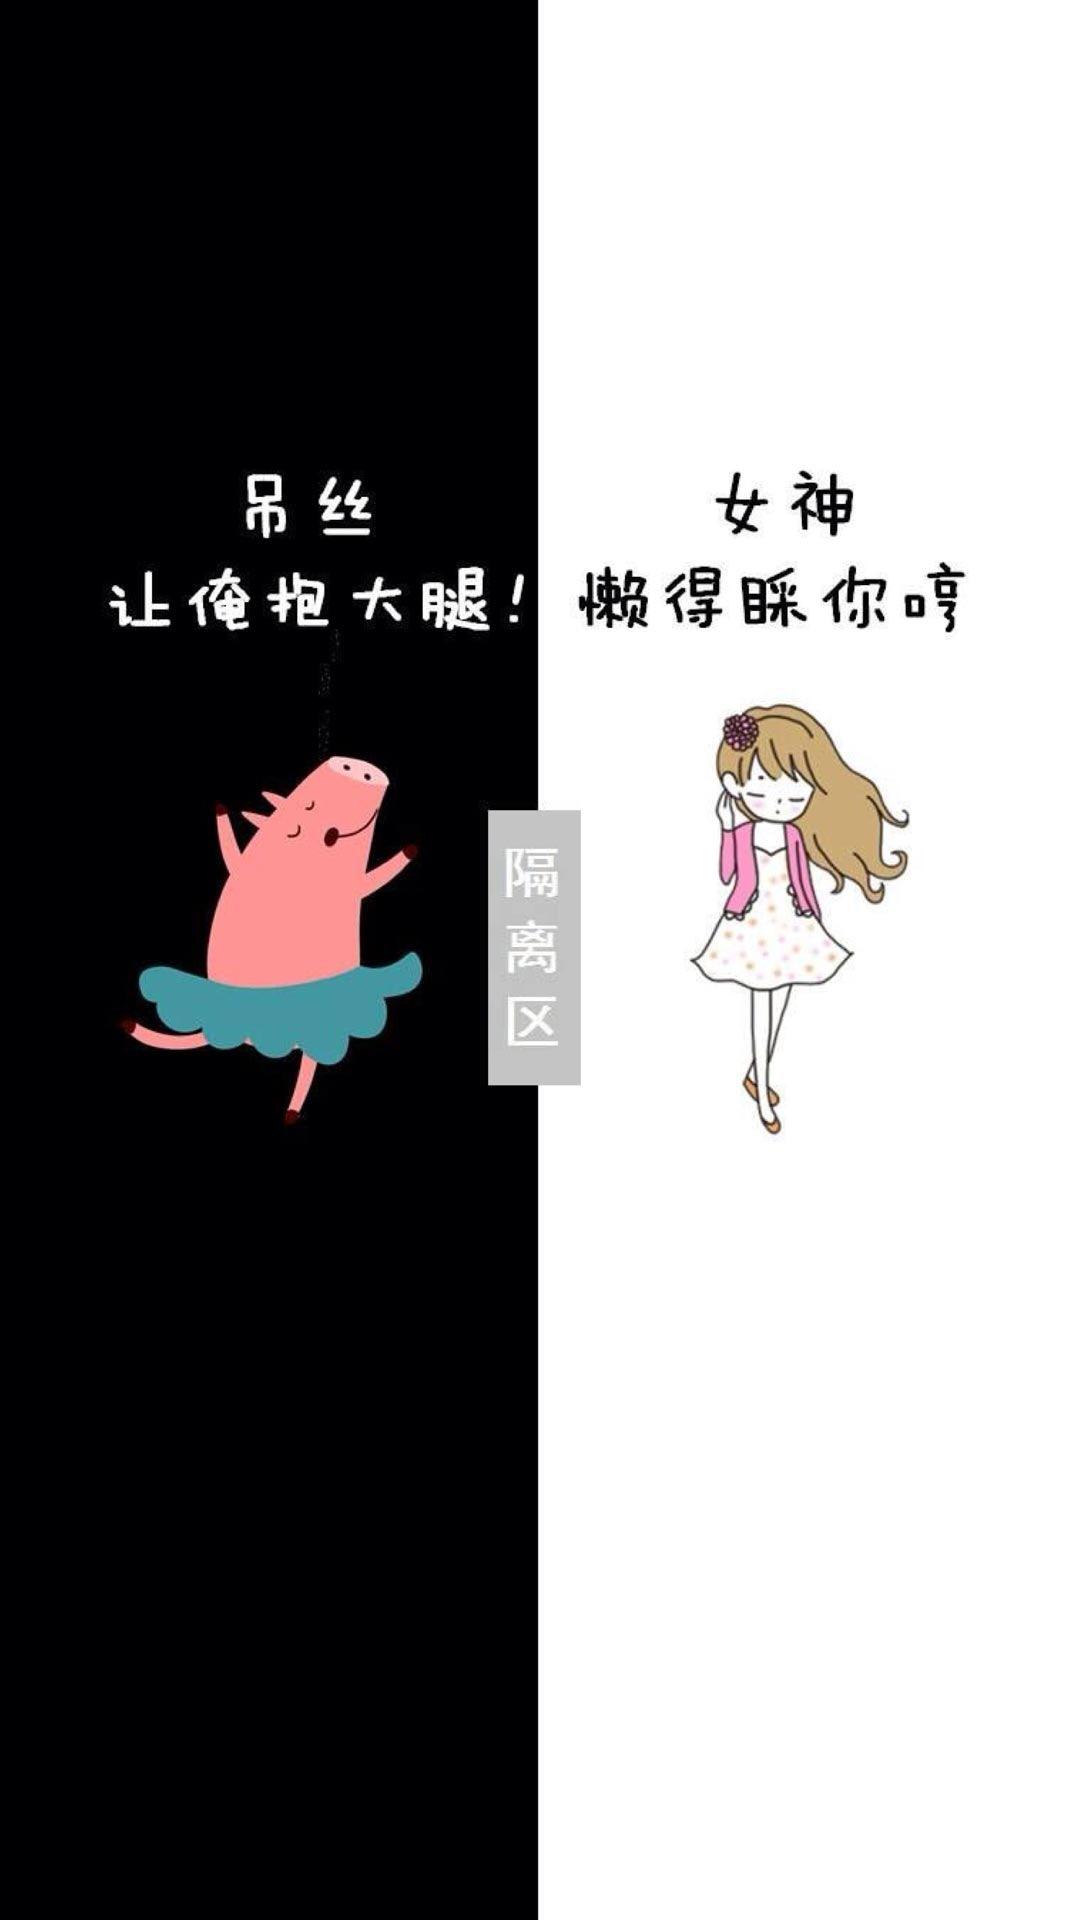 【v粉壁纸】创意卡通隔离区聊天背景手机壁纸